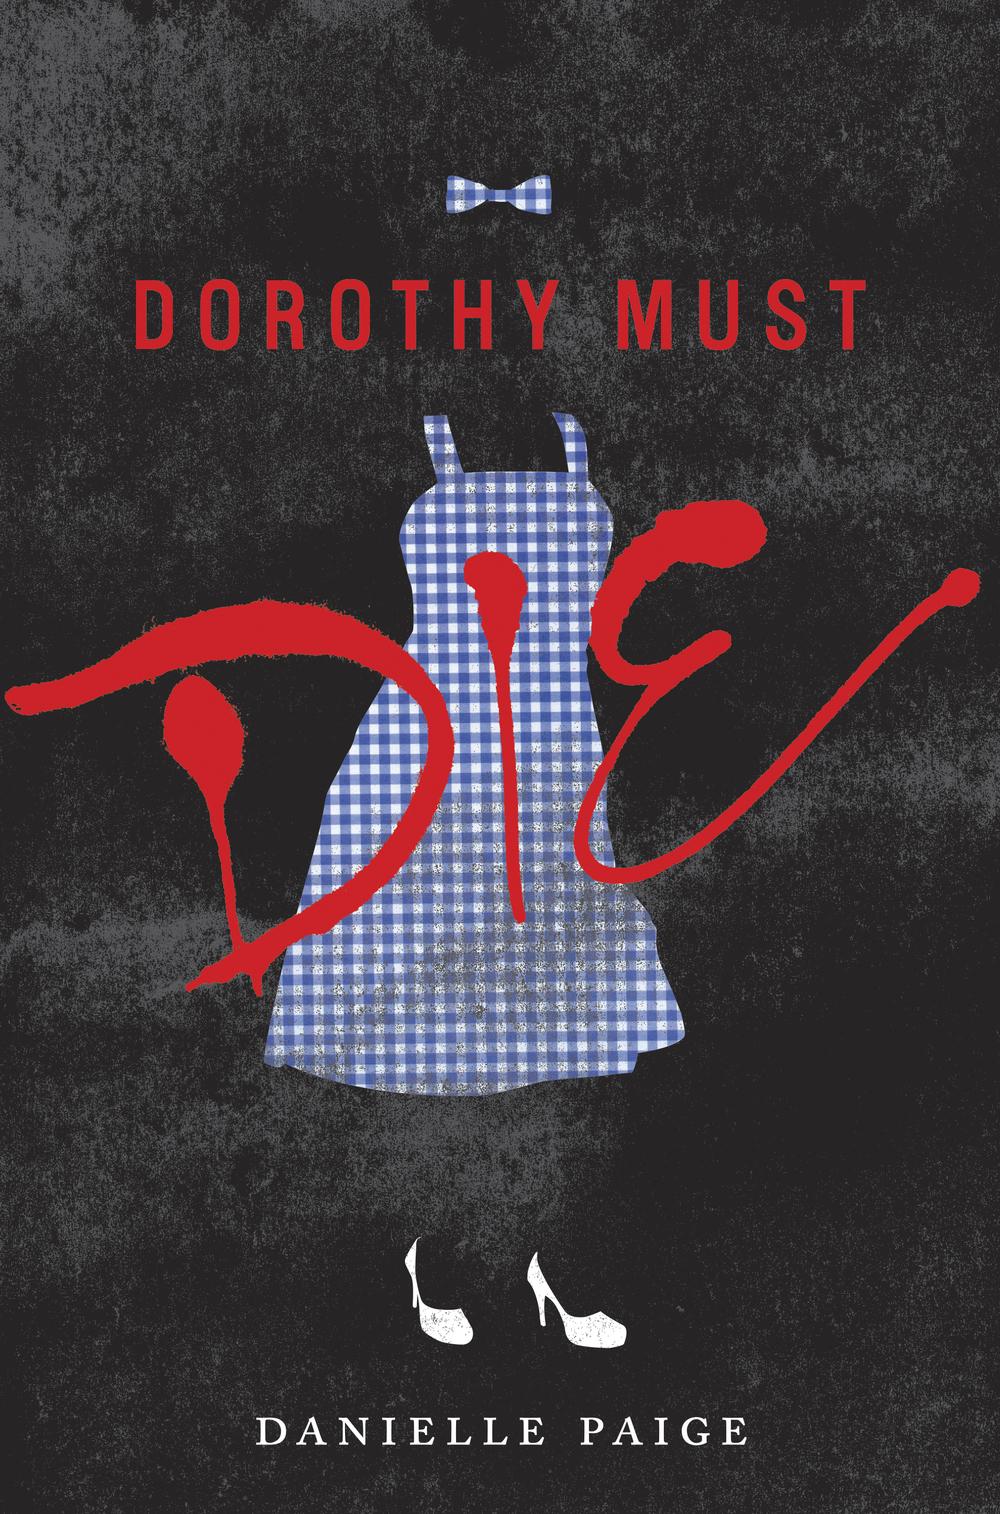 DorothyMustDie HC c RGB.jpg